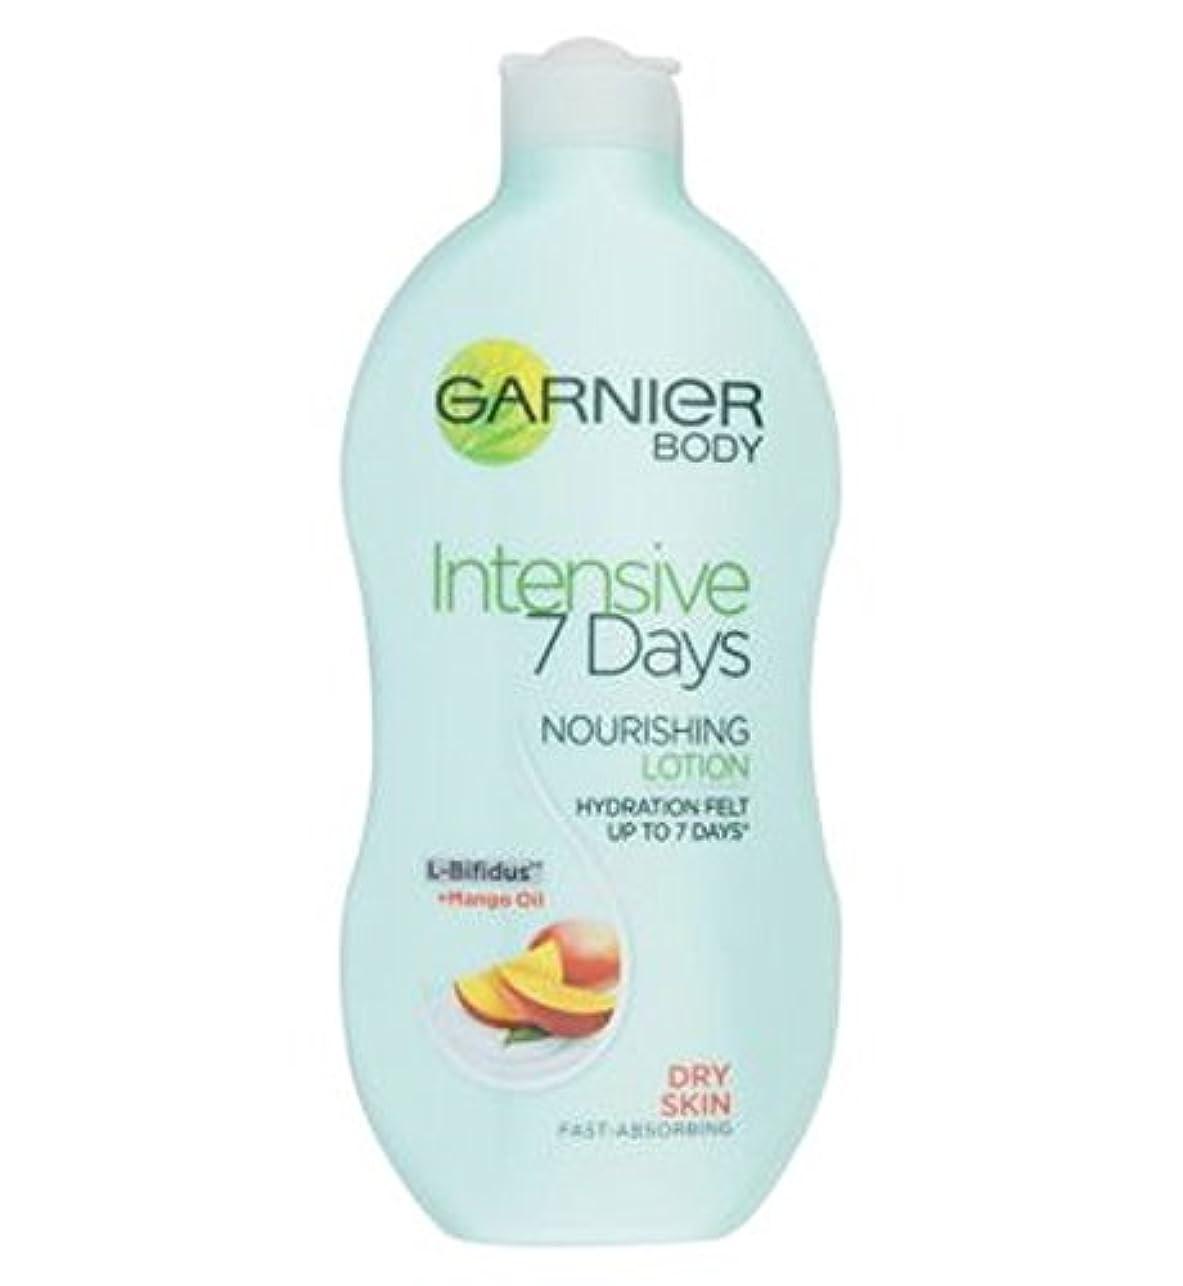 窒素リー冒険乾燥肌の400ミリリットルのための栄養マンゴーオイルとガルニエの集中7日間毎日ボディローション (Garnier) (x2) - Garnier Intensive 7 Days Daily Body Lotion with...